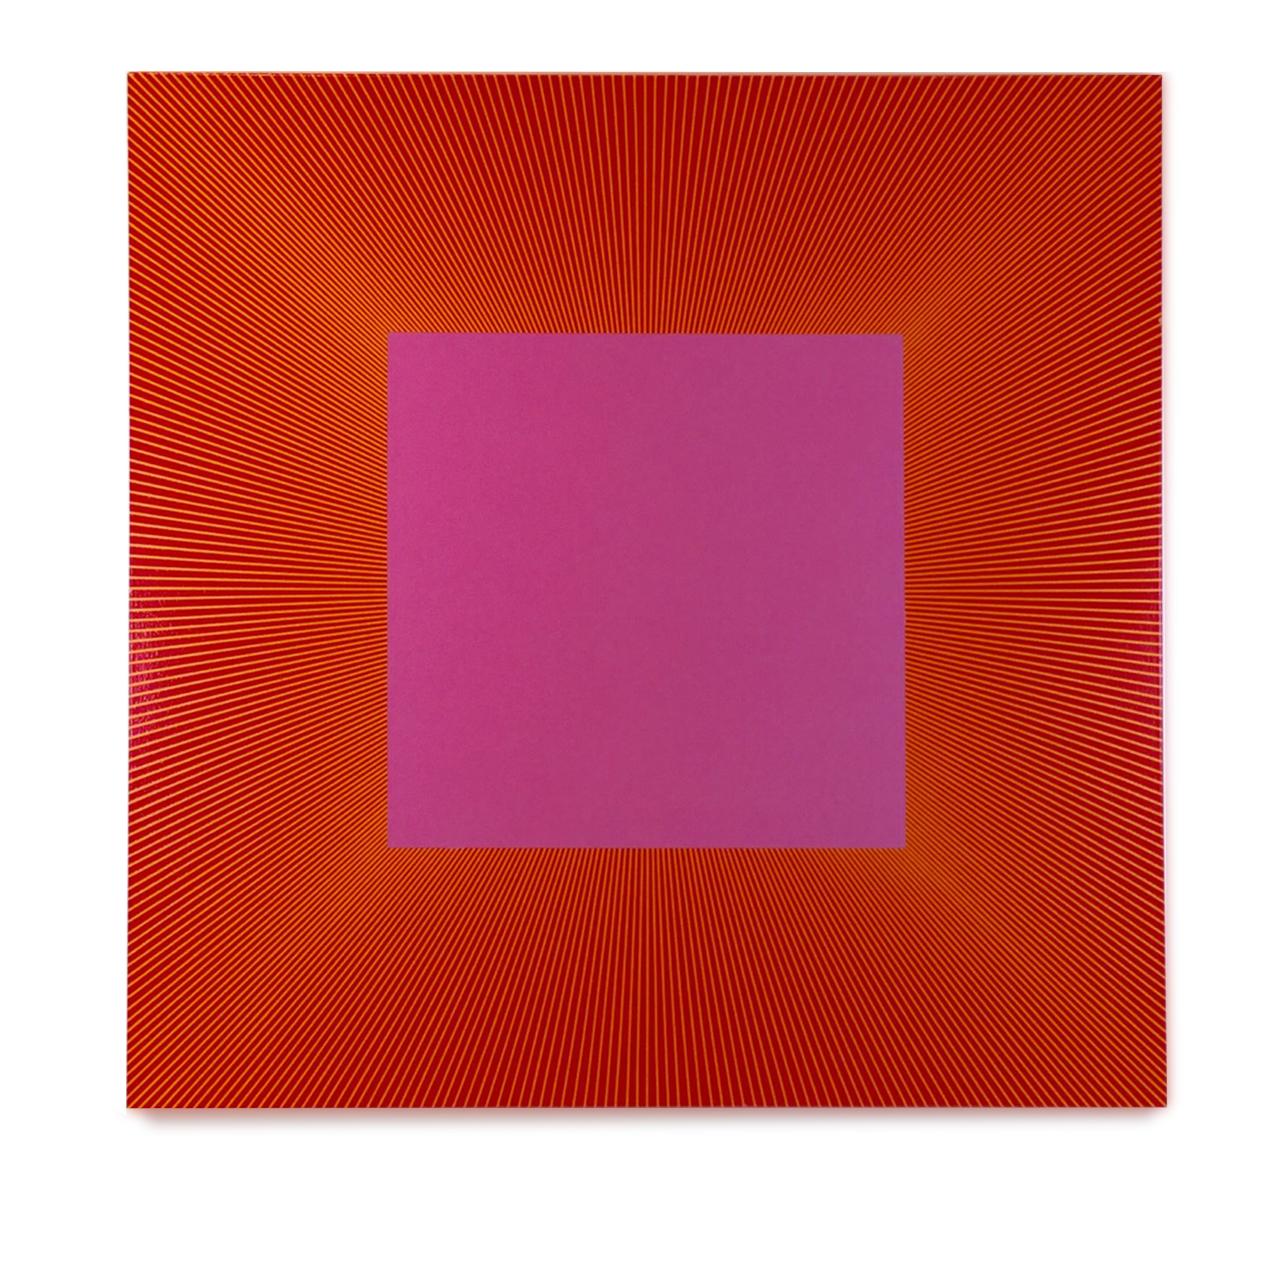 Magenta Fire, 1978-2015